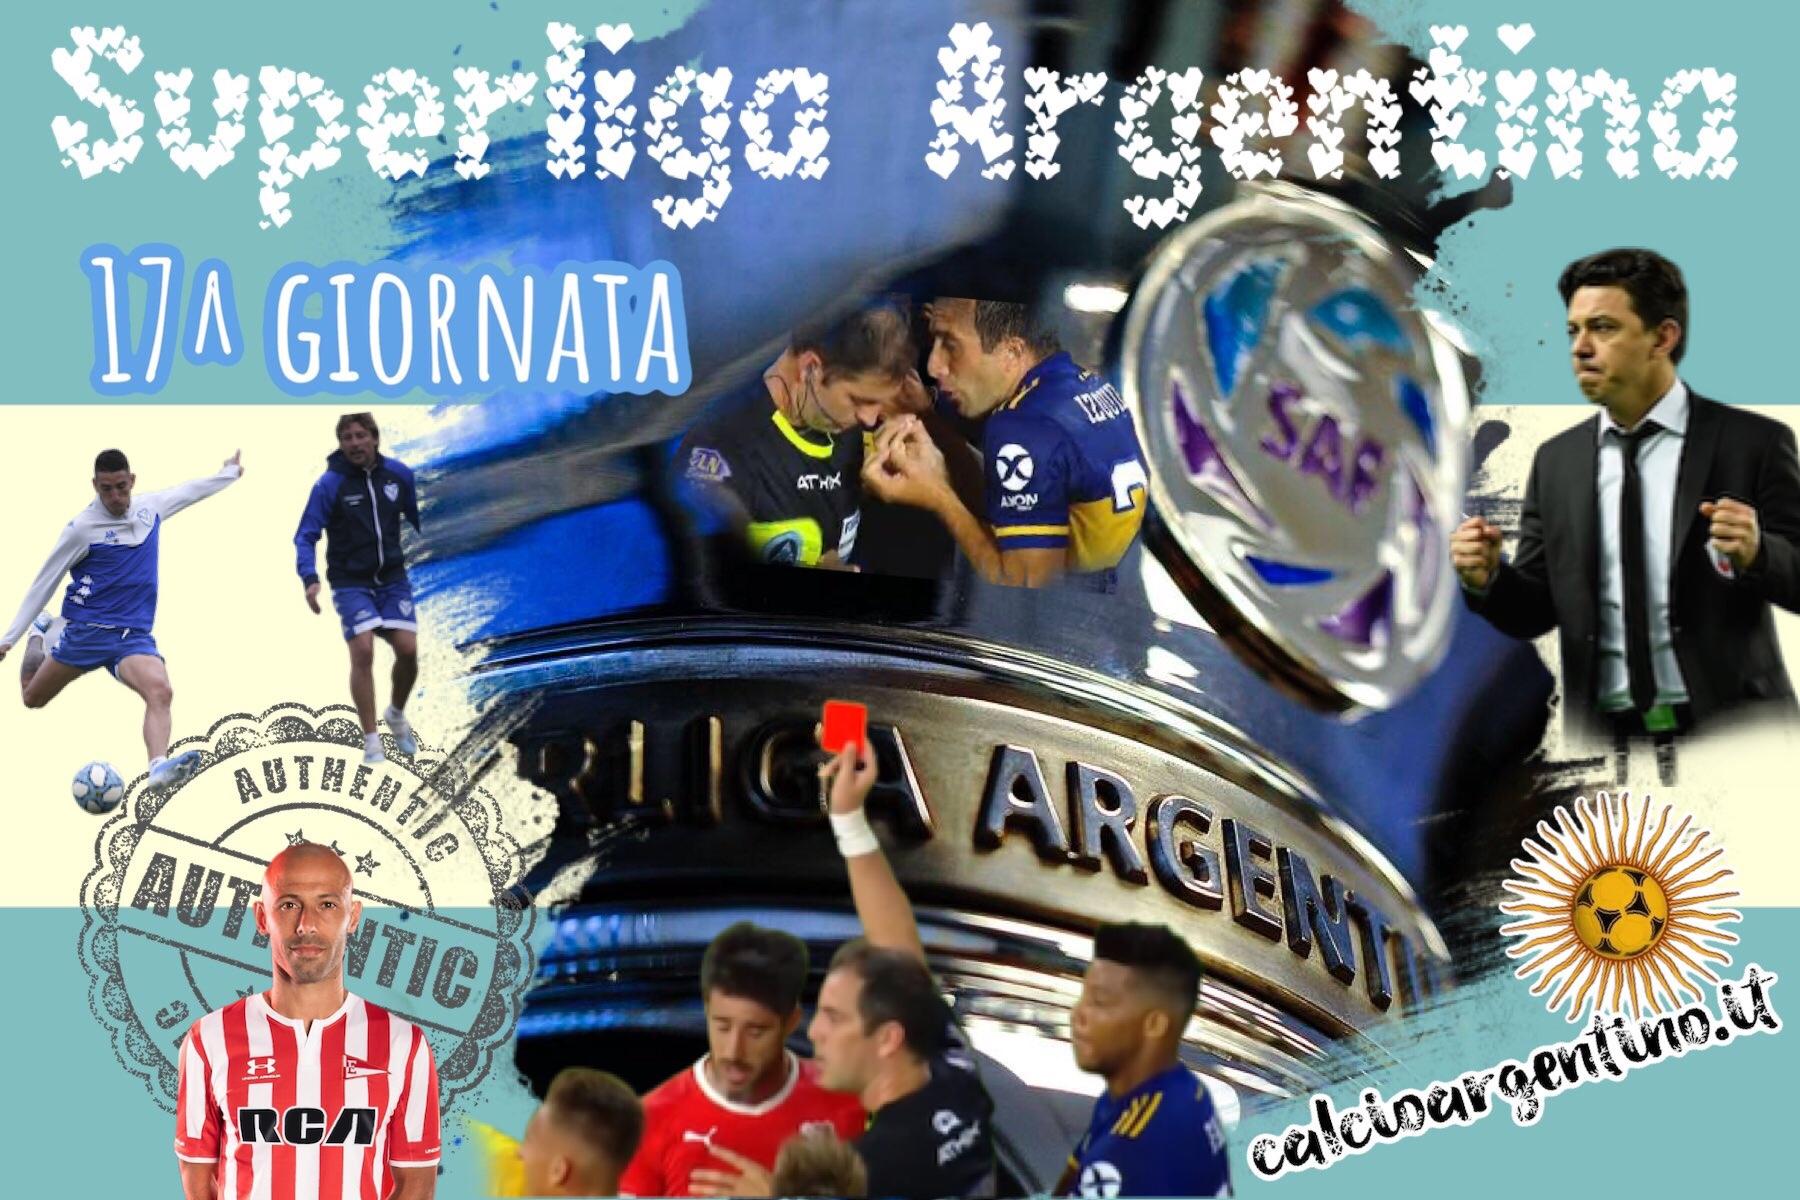 La 17^ giornata di Superliga Argentina